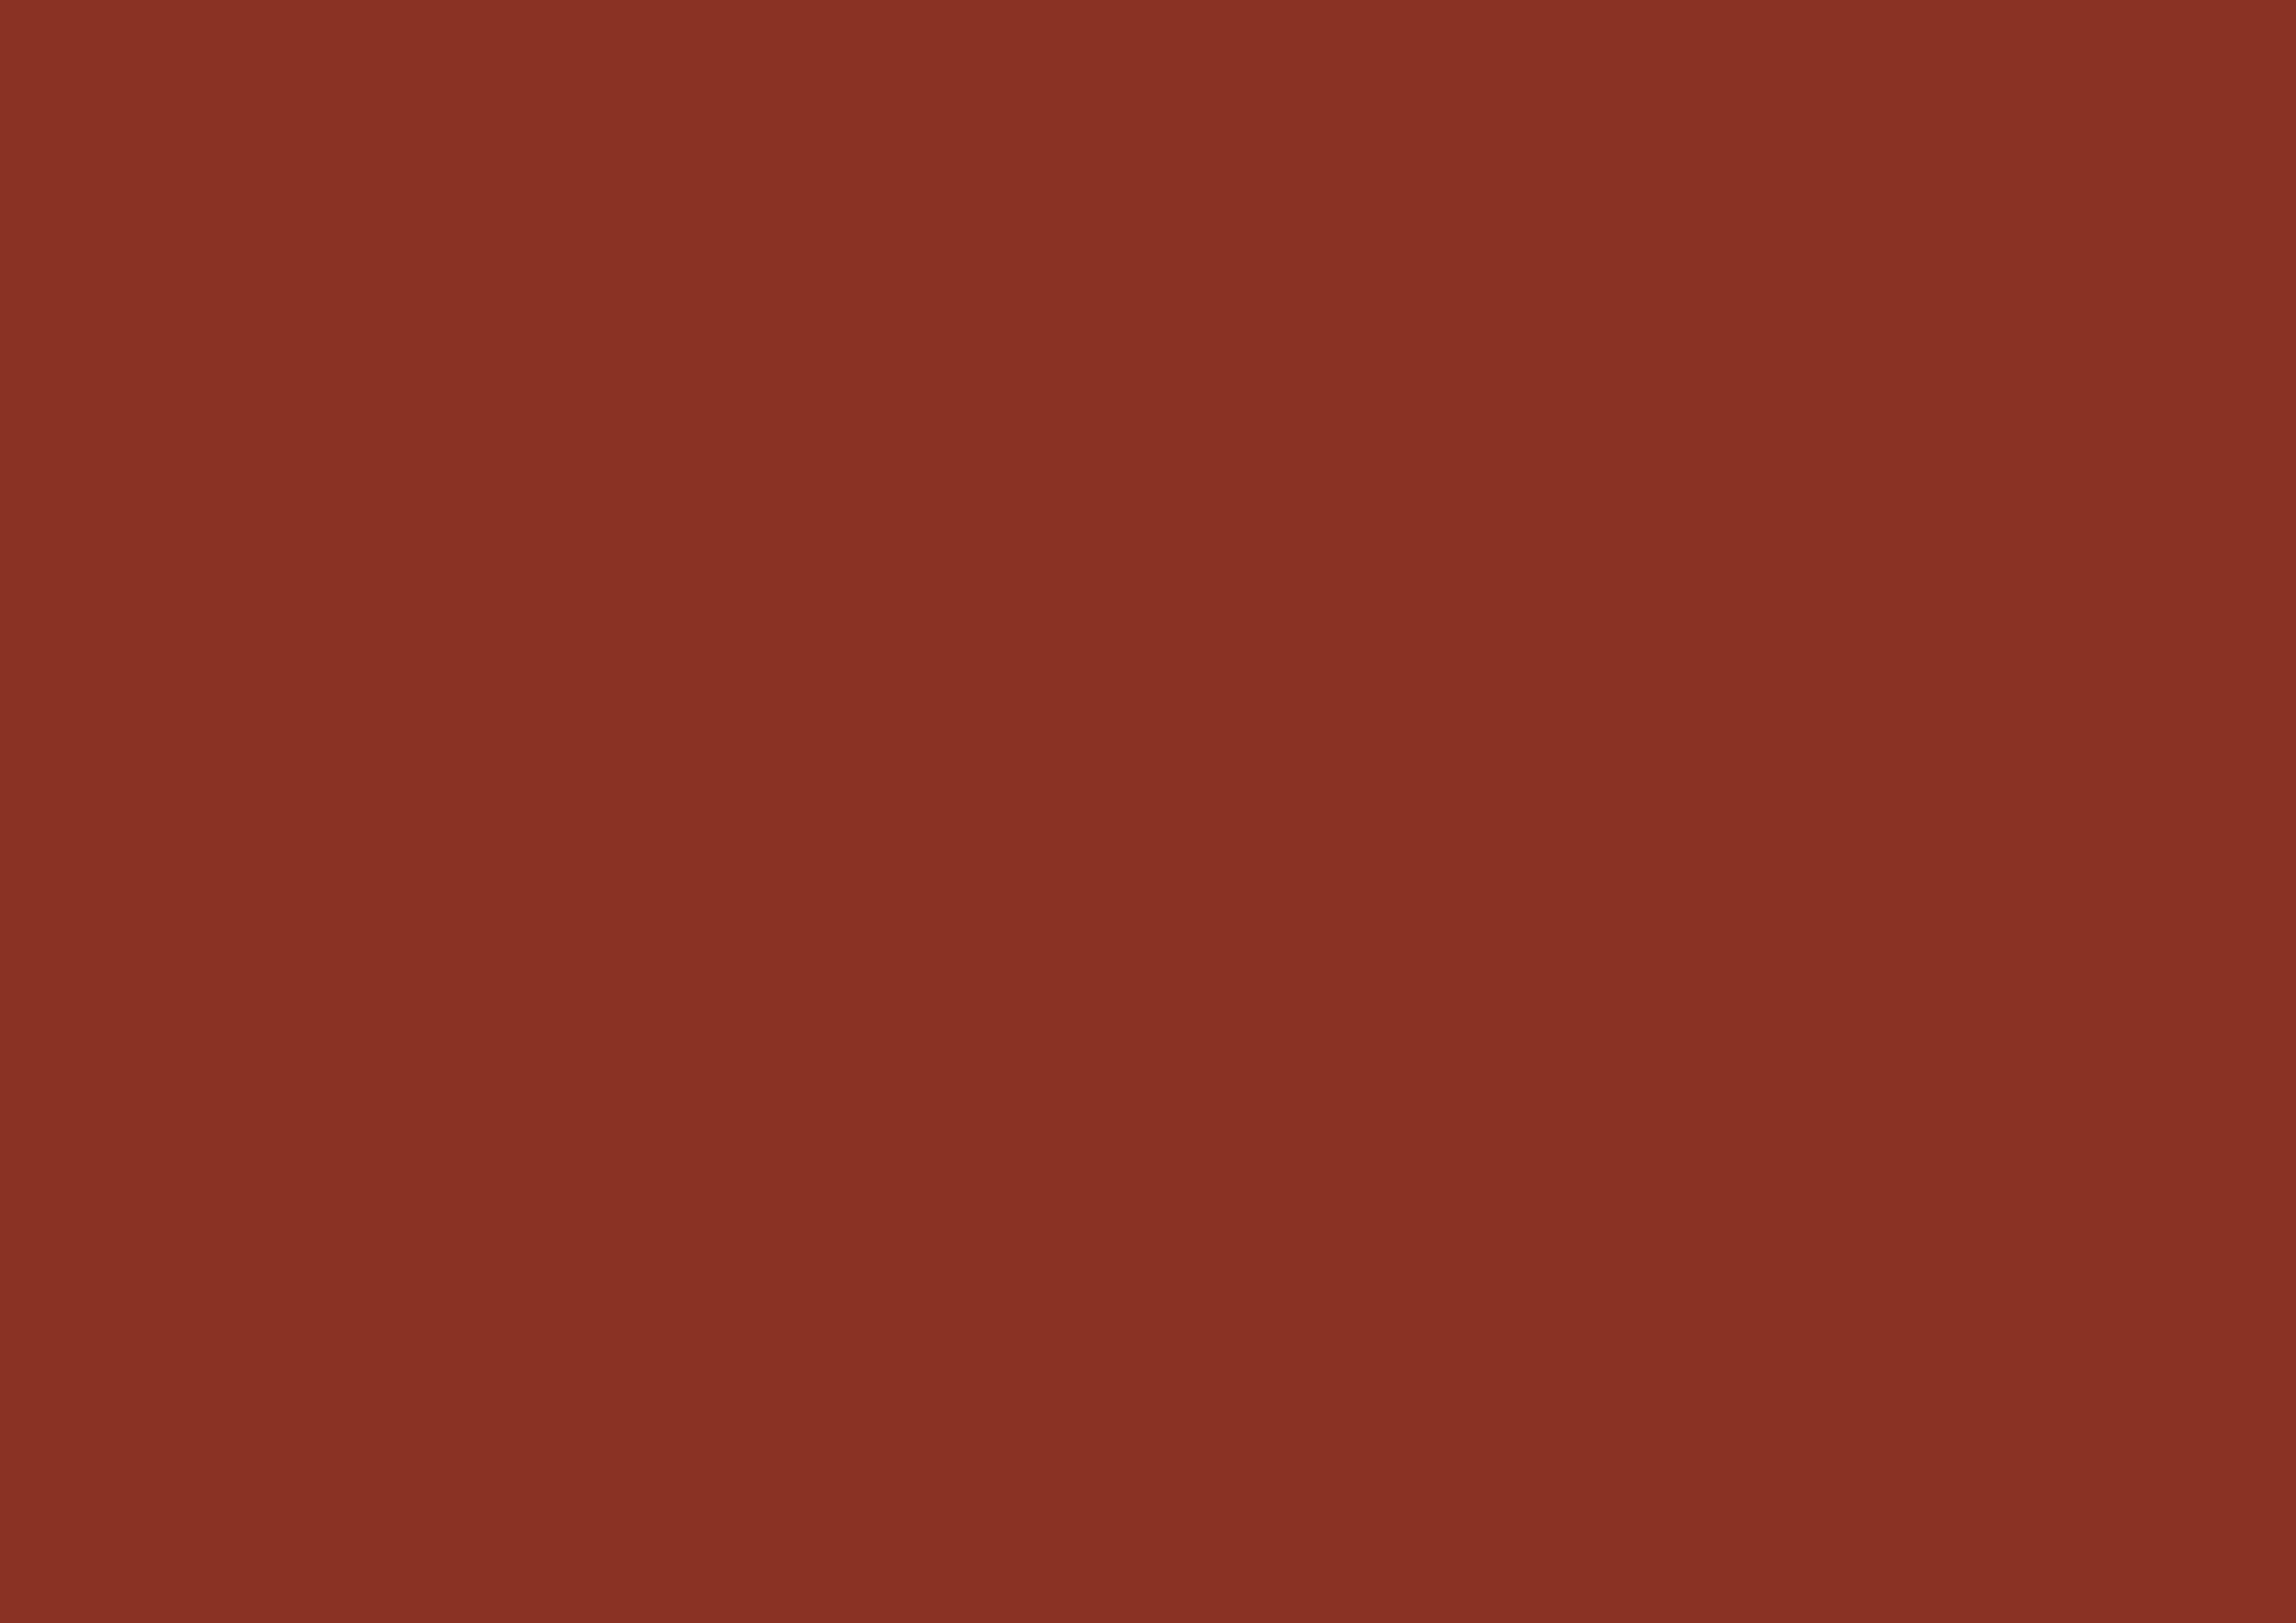 3508x2480 Burnt Umber Solid Color Background